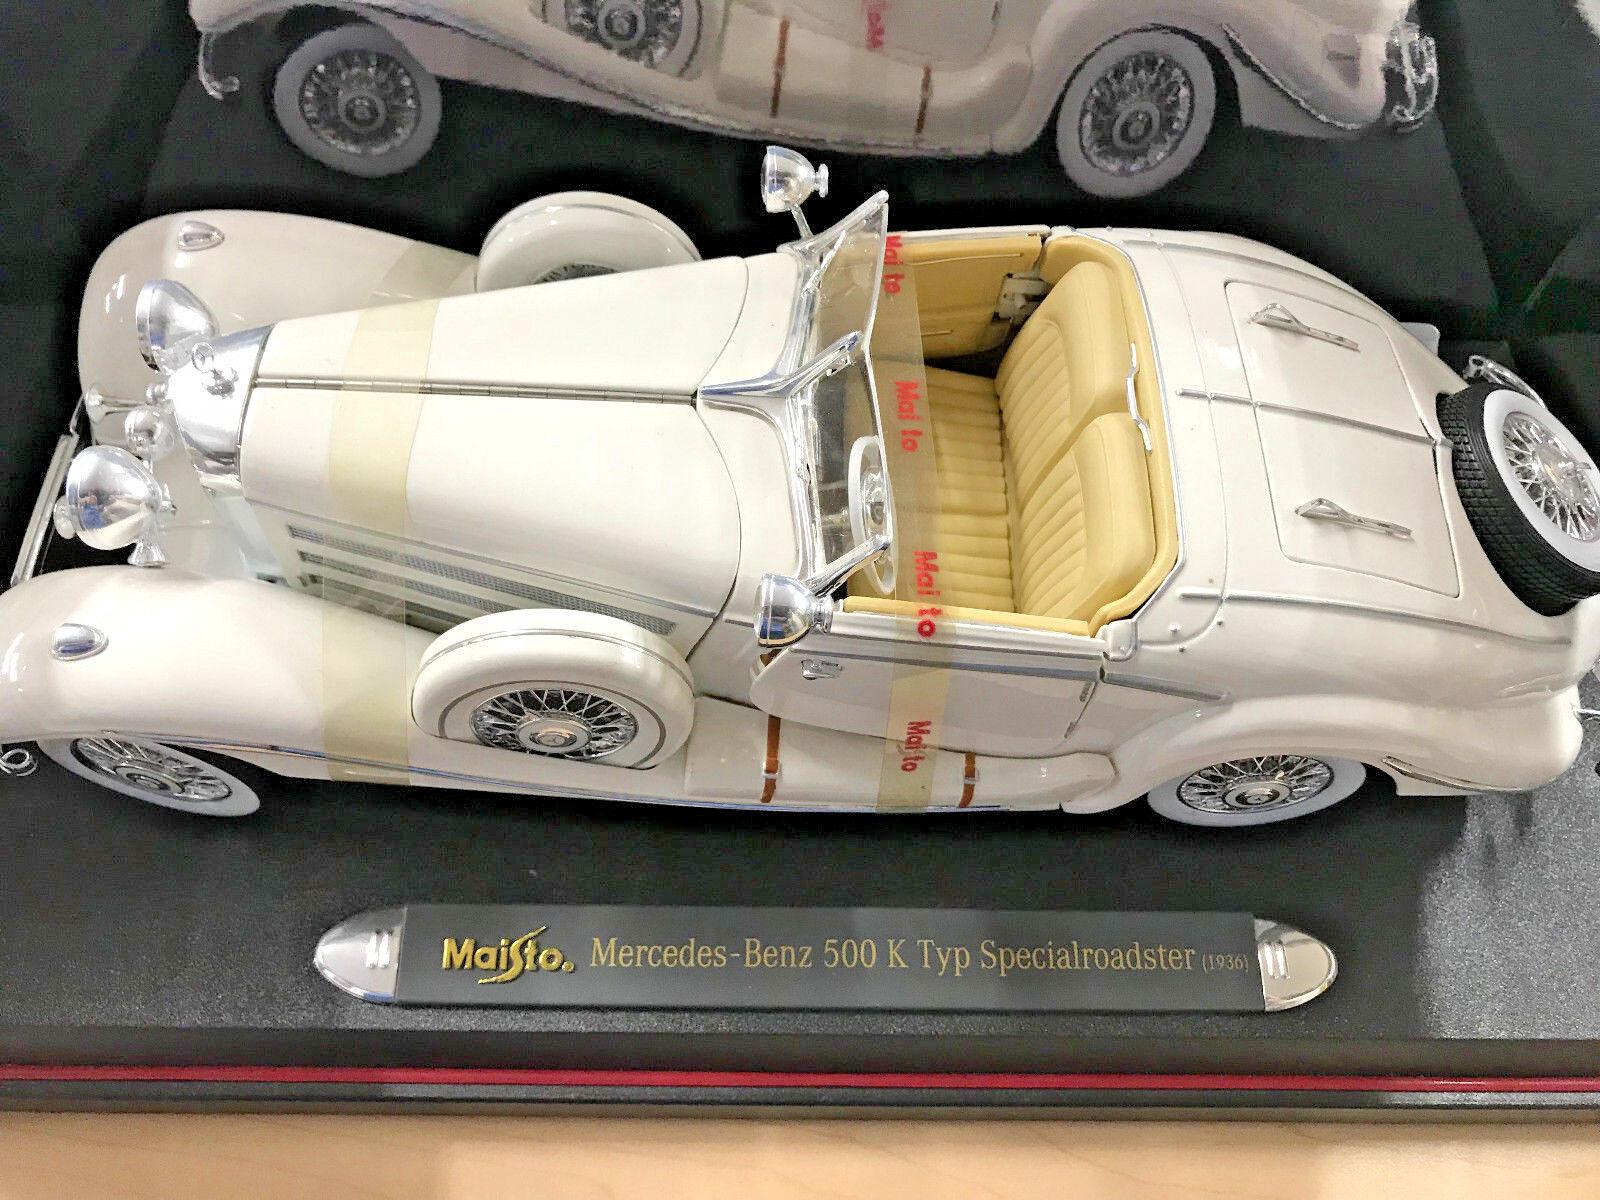 Maisto mercedes-benz 500 k roadster - 1936 typ besondere